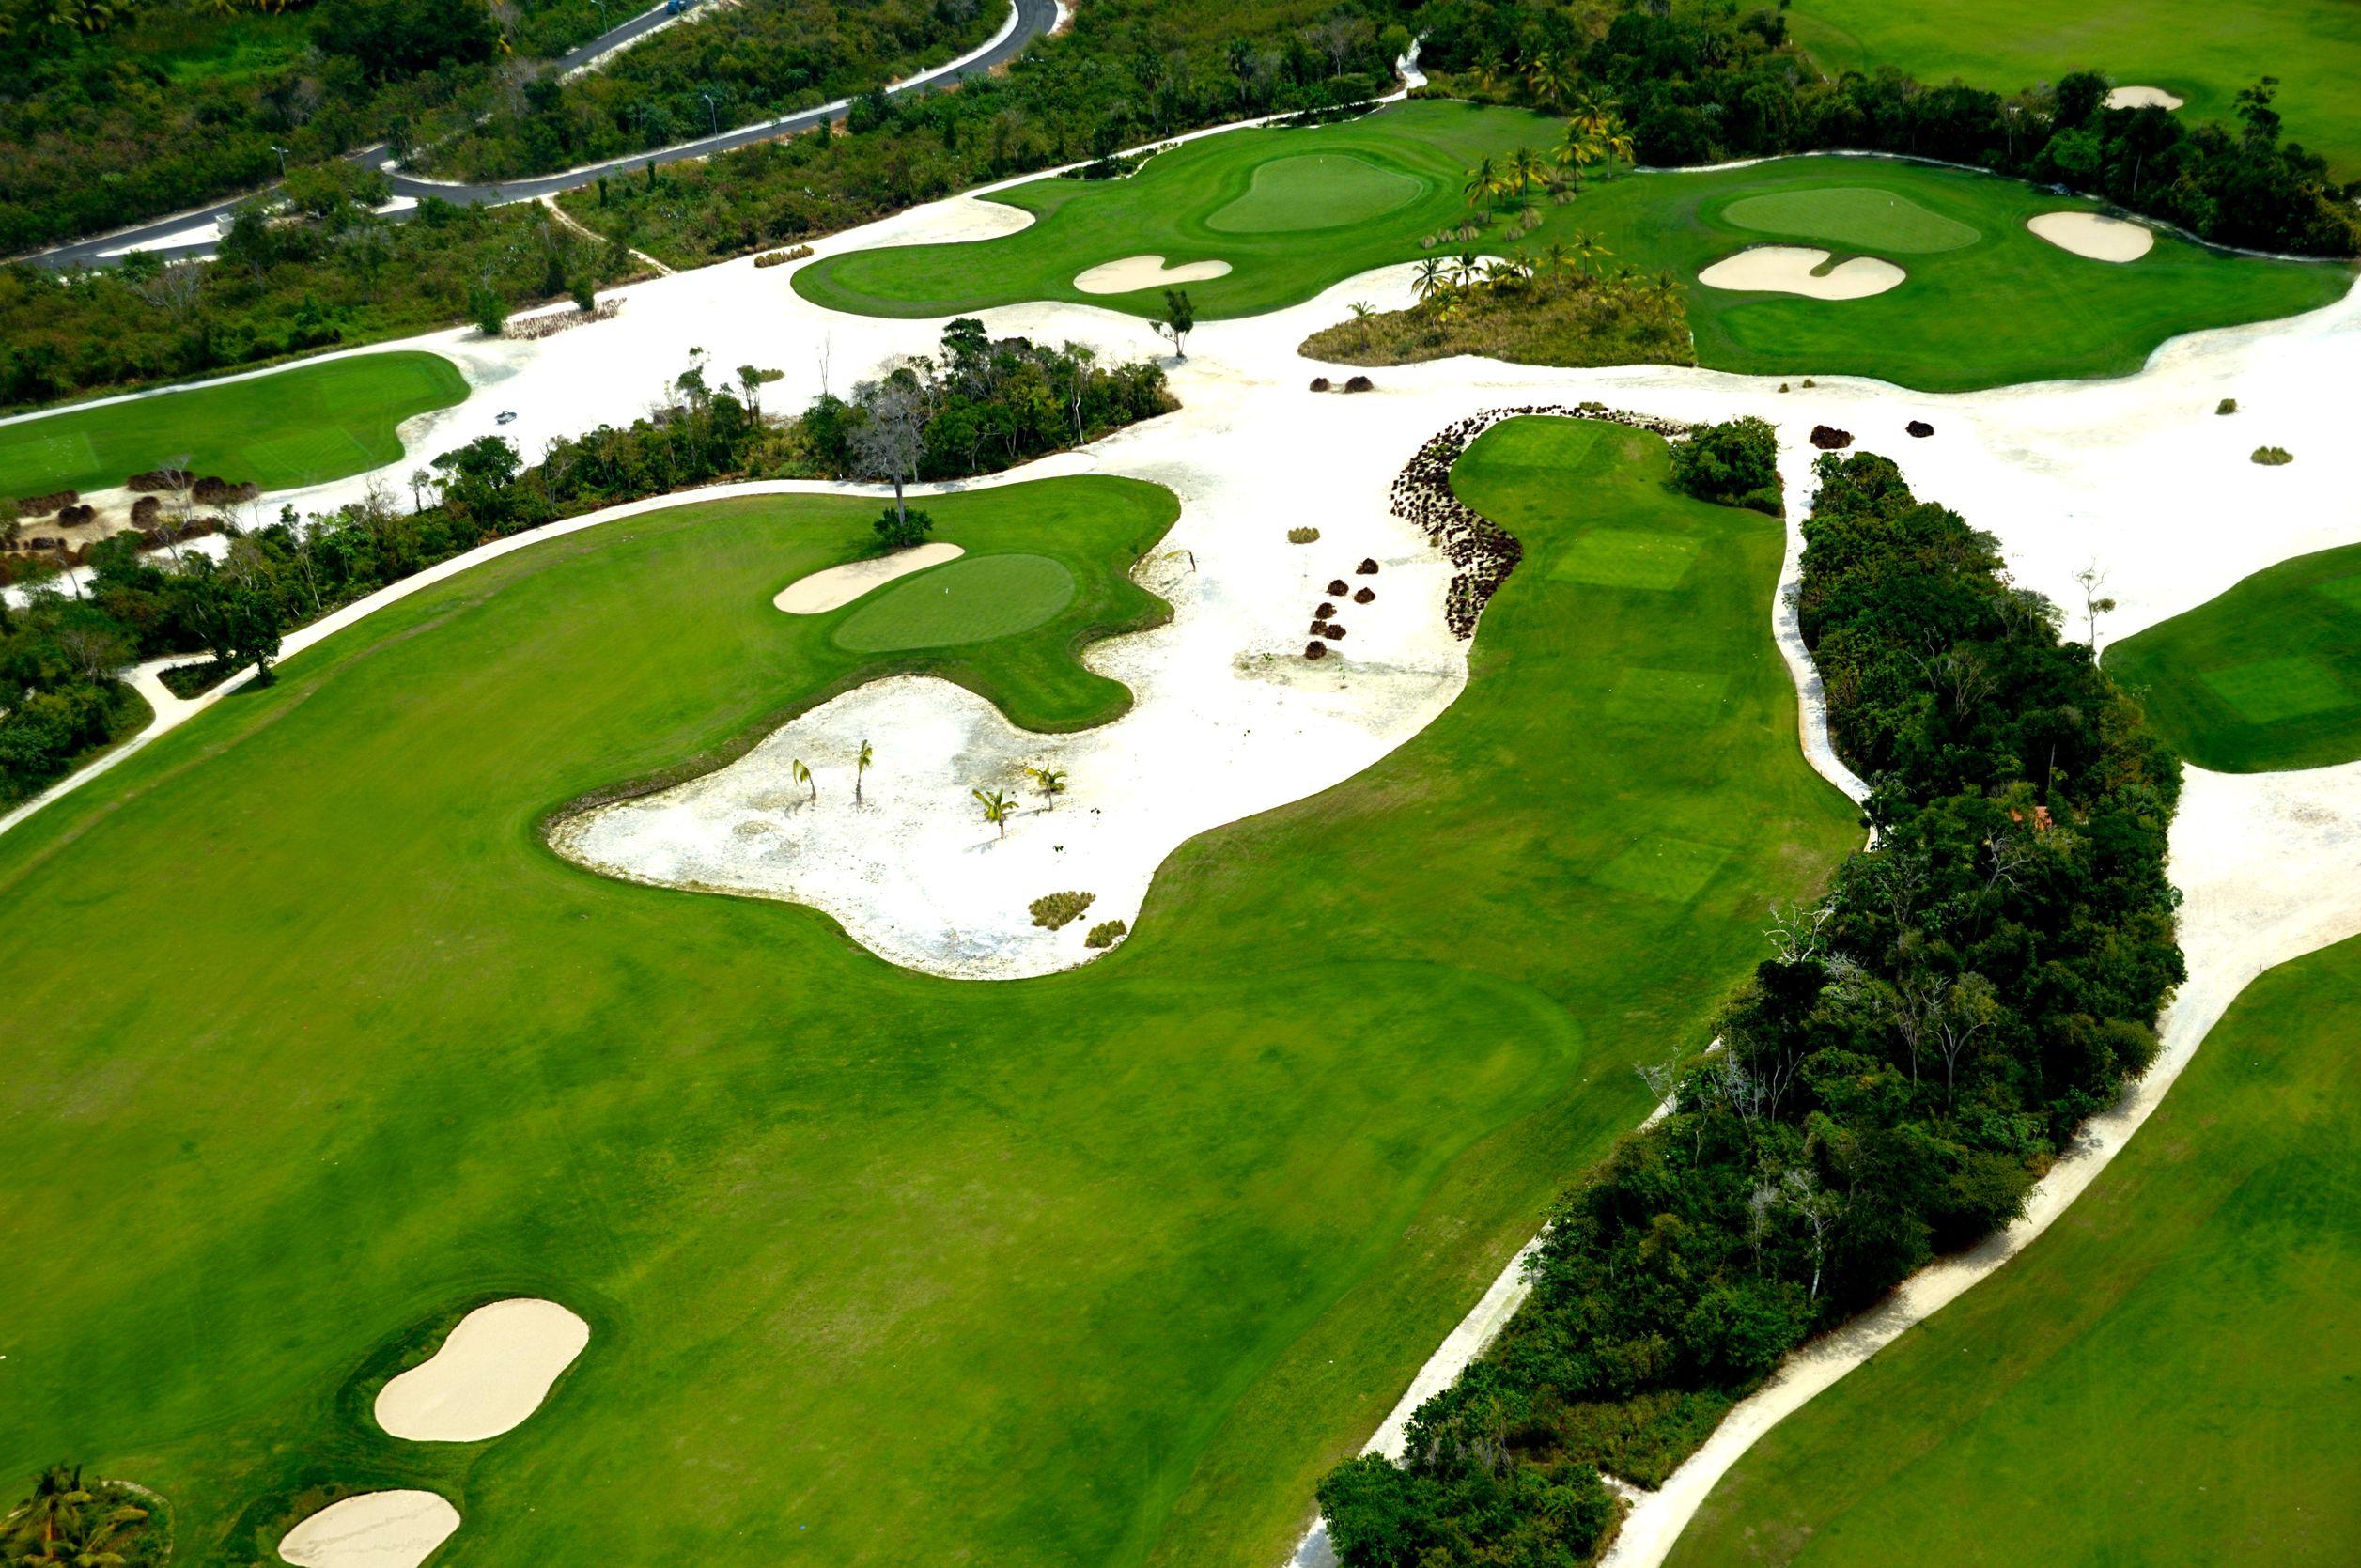 caribbean golf course 123rf